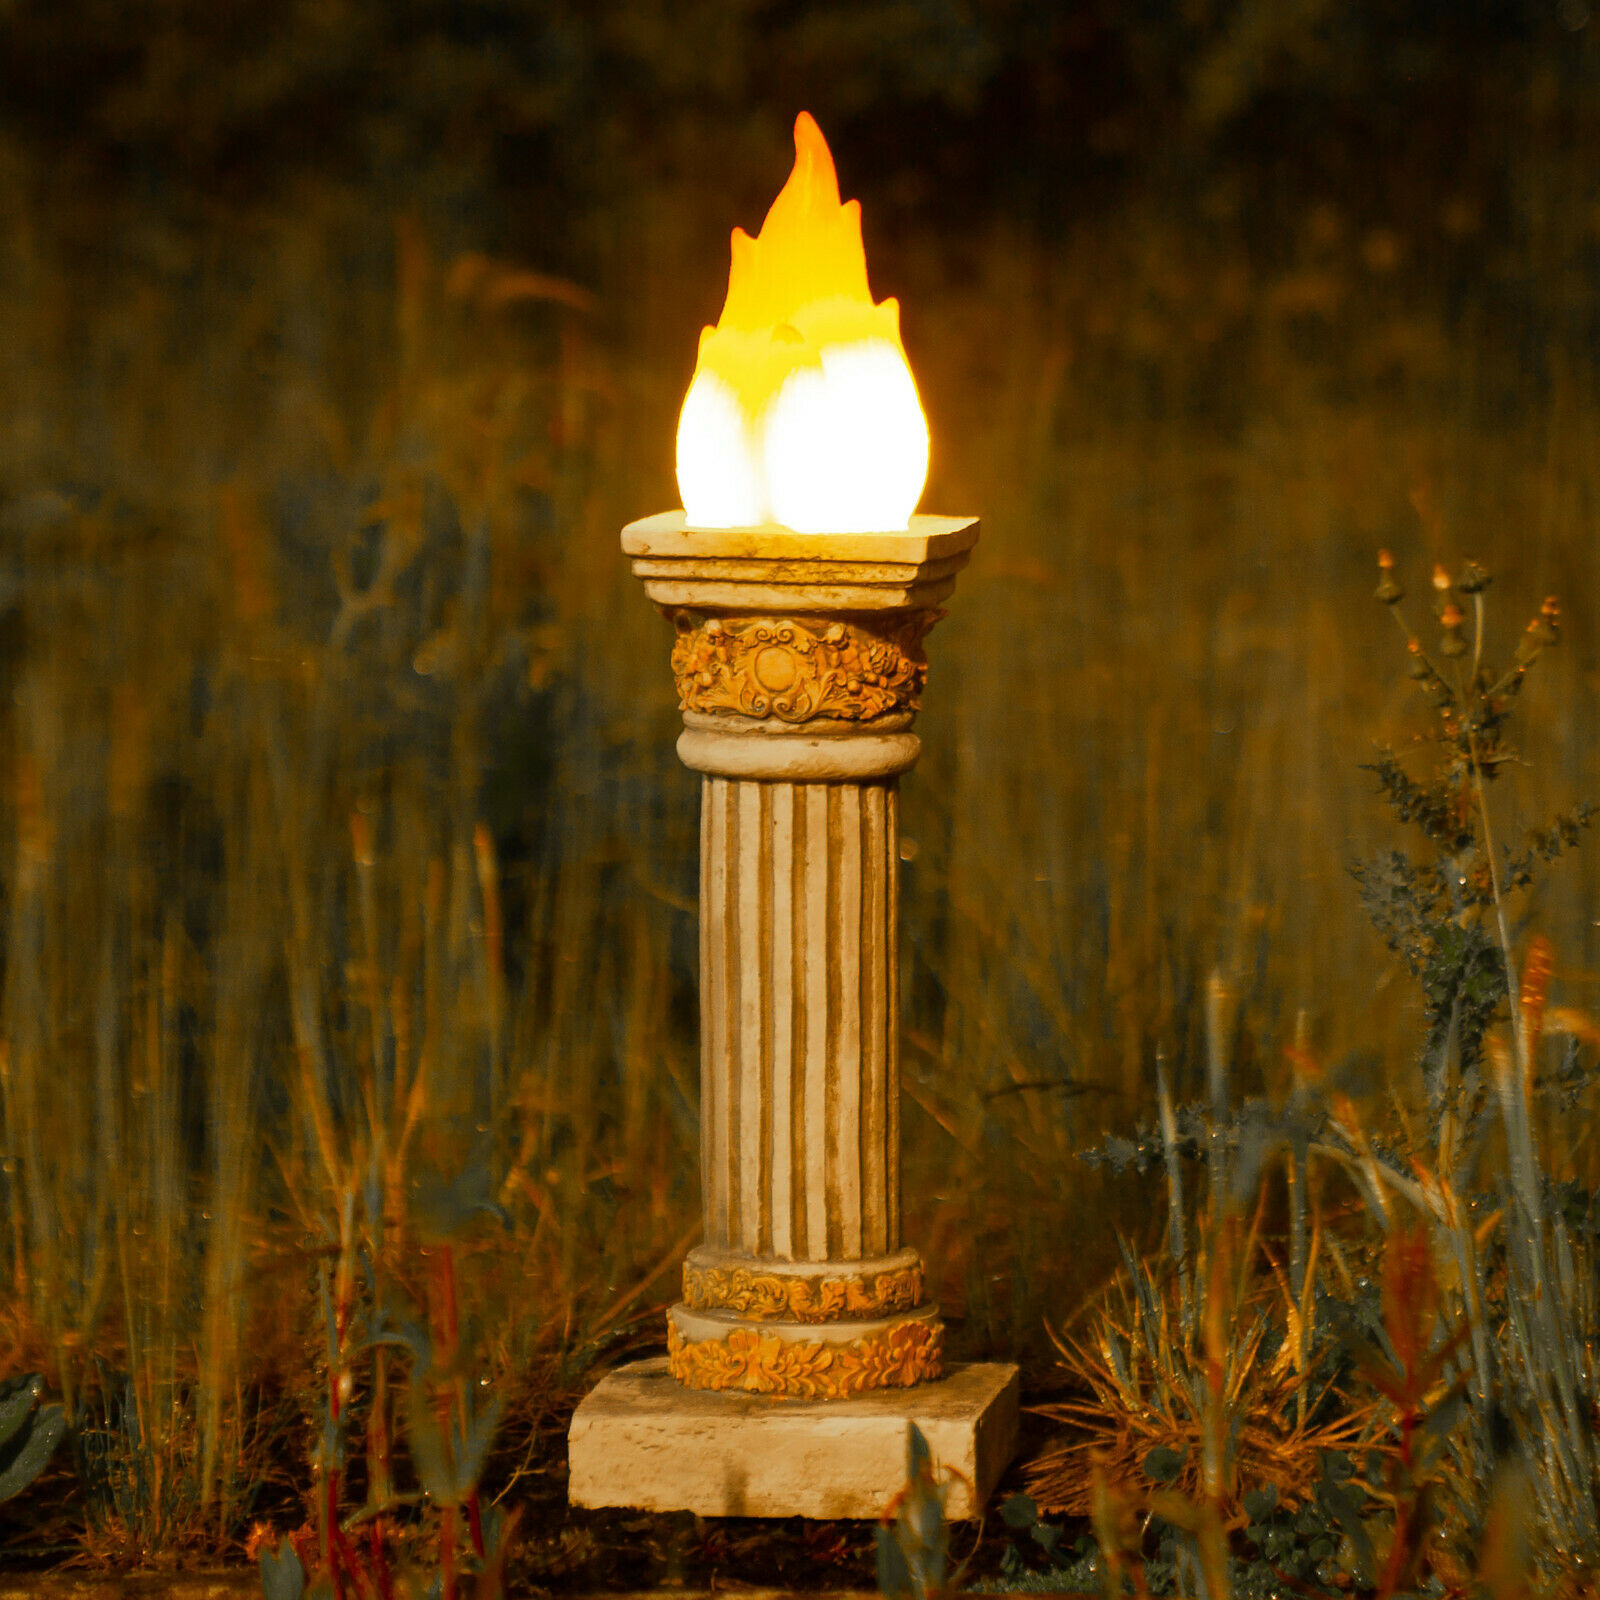 Neuf 2x Énergie Solaire Scintillement Torche Flamme Romain Pilier LED Jardin